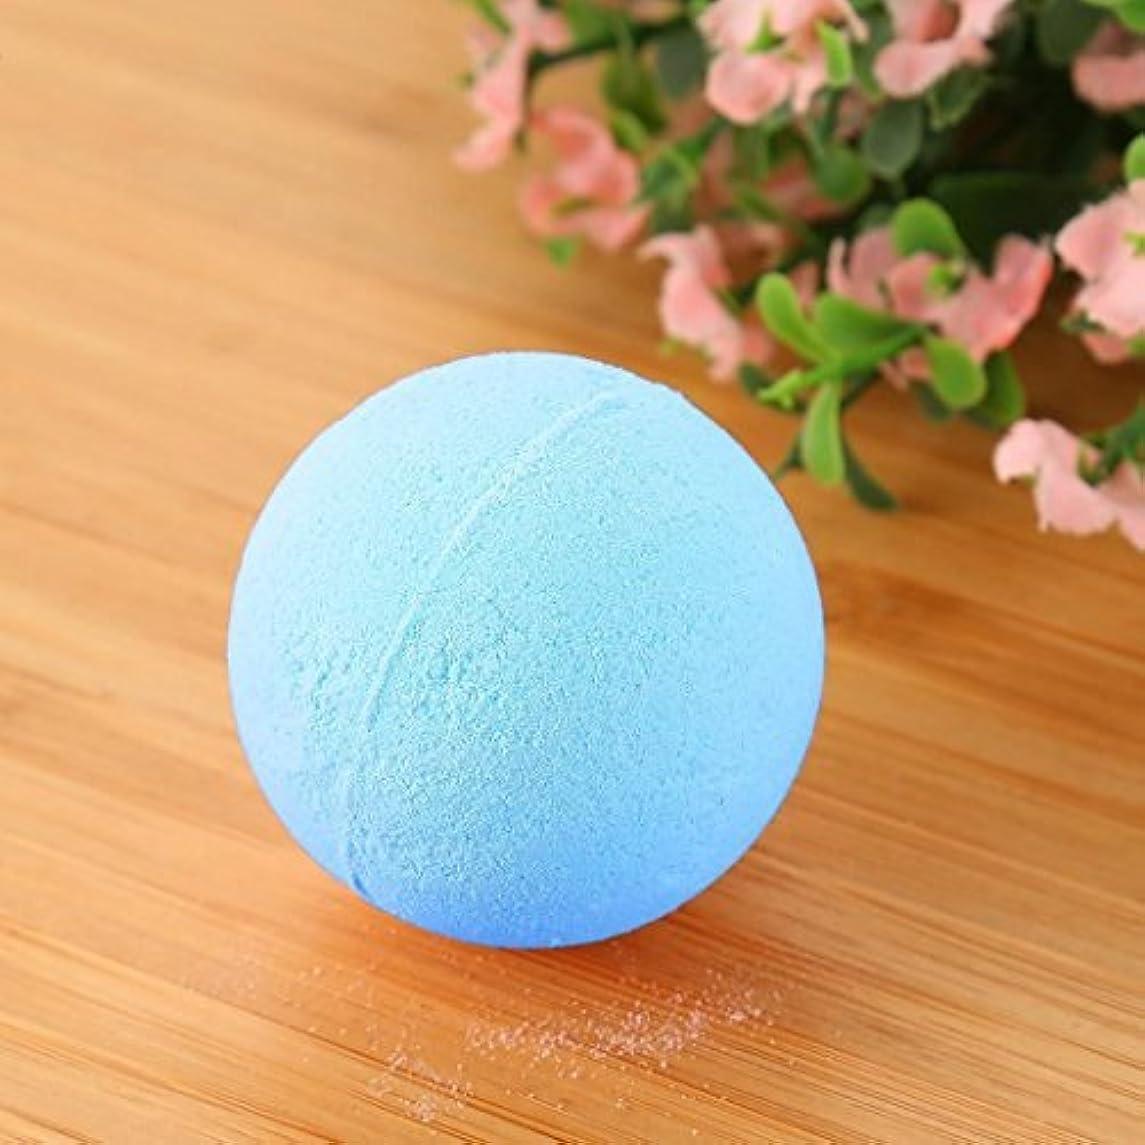 大聖堂より多いレインコートバブル塩風呂の贈り物のためにボールをリラックスした女性の塩